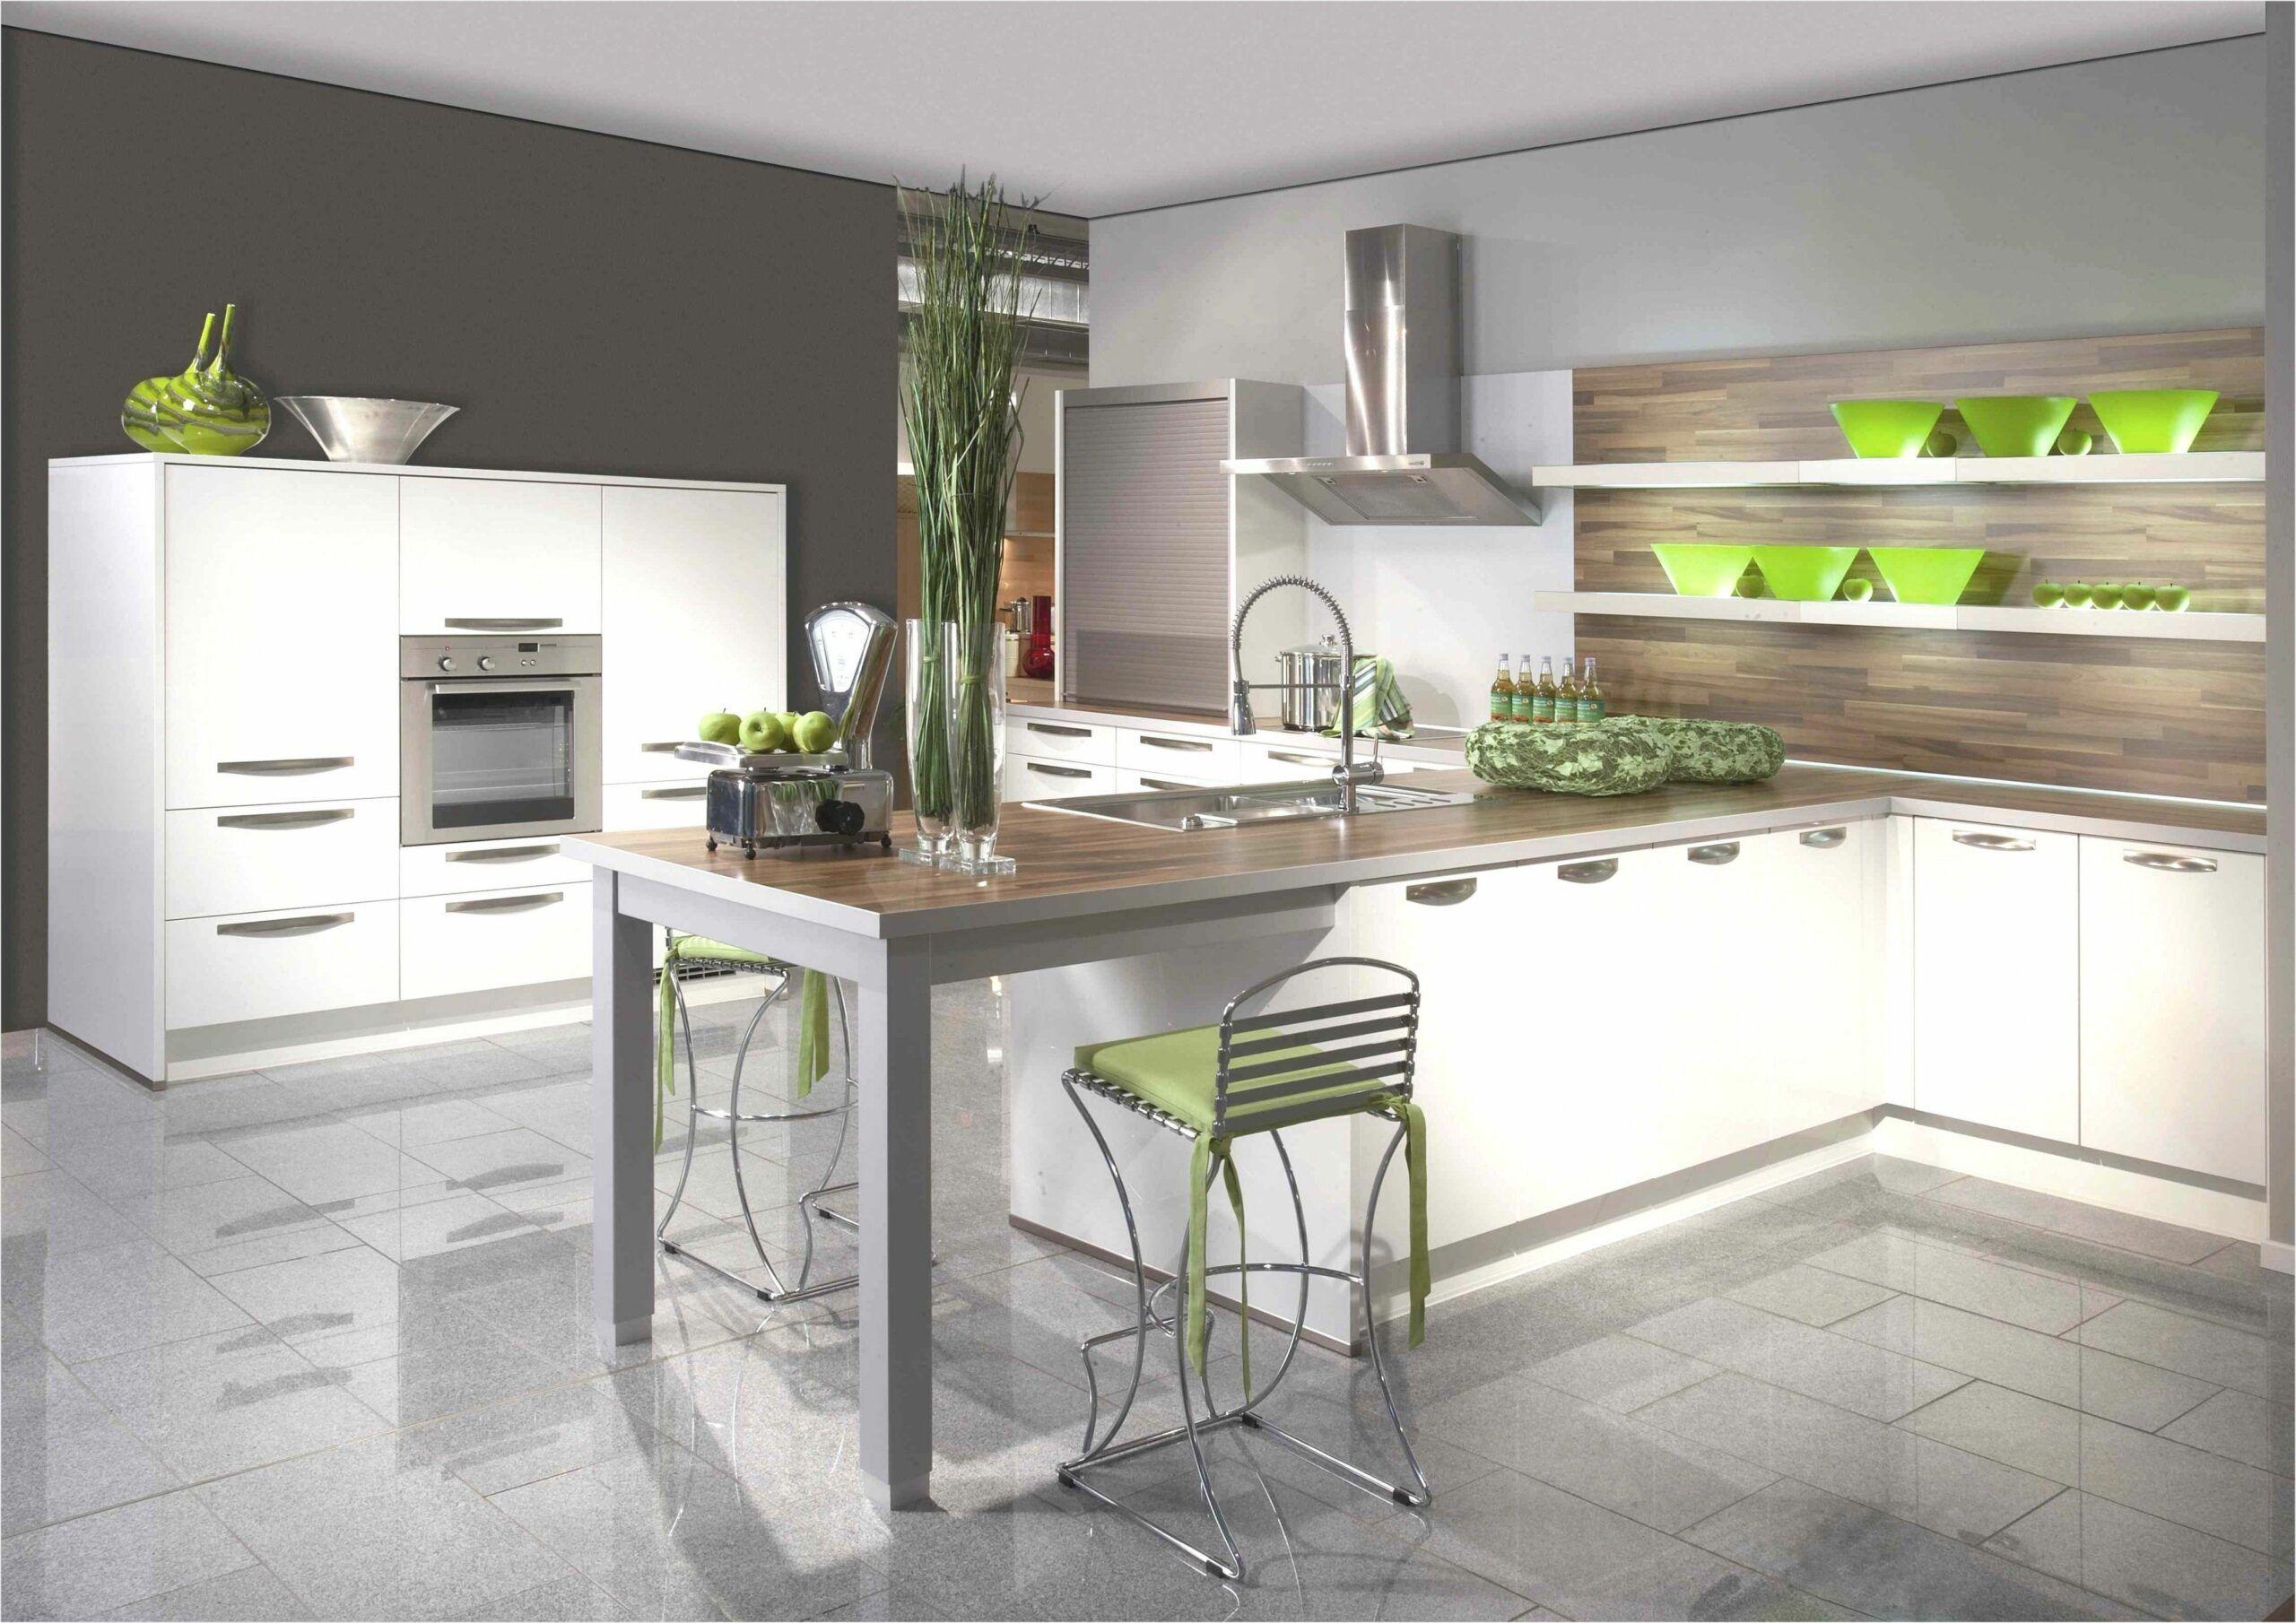 küchen wandfarbe abwaschbar - elefantenhaut in der küche